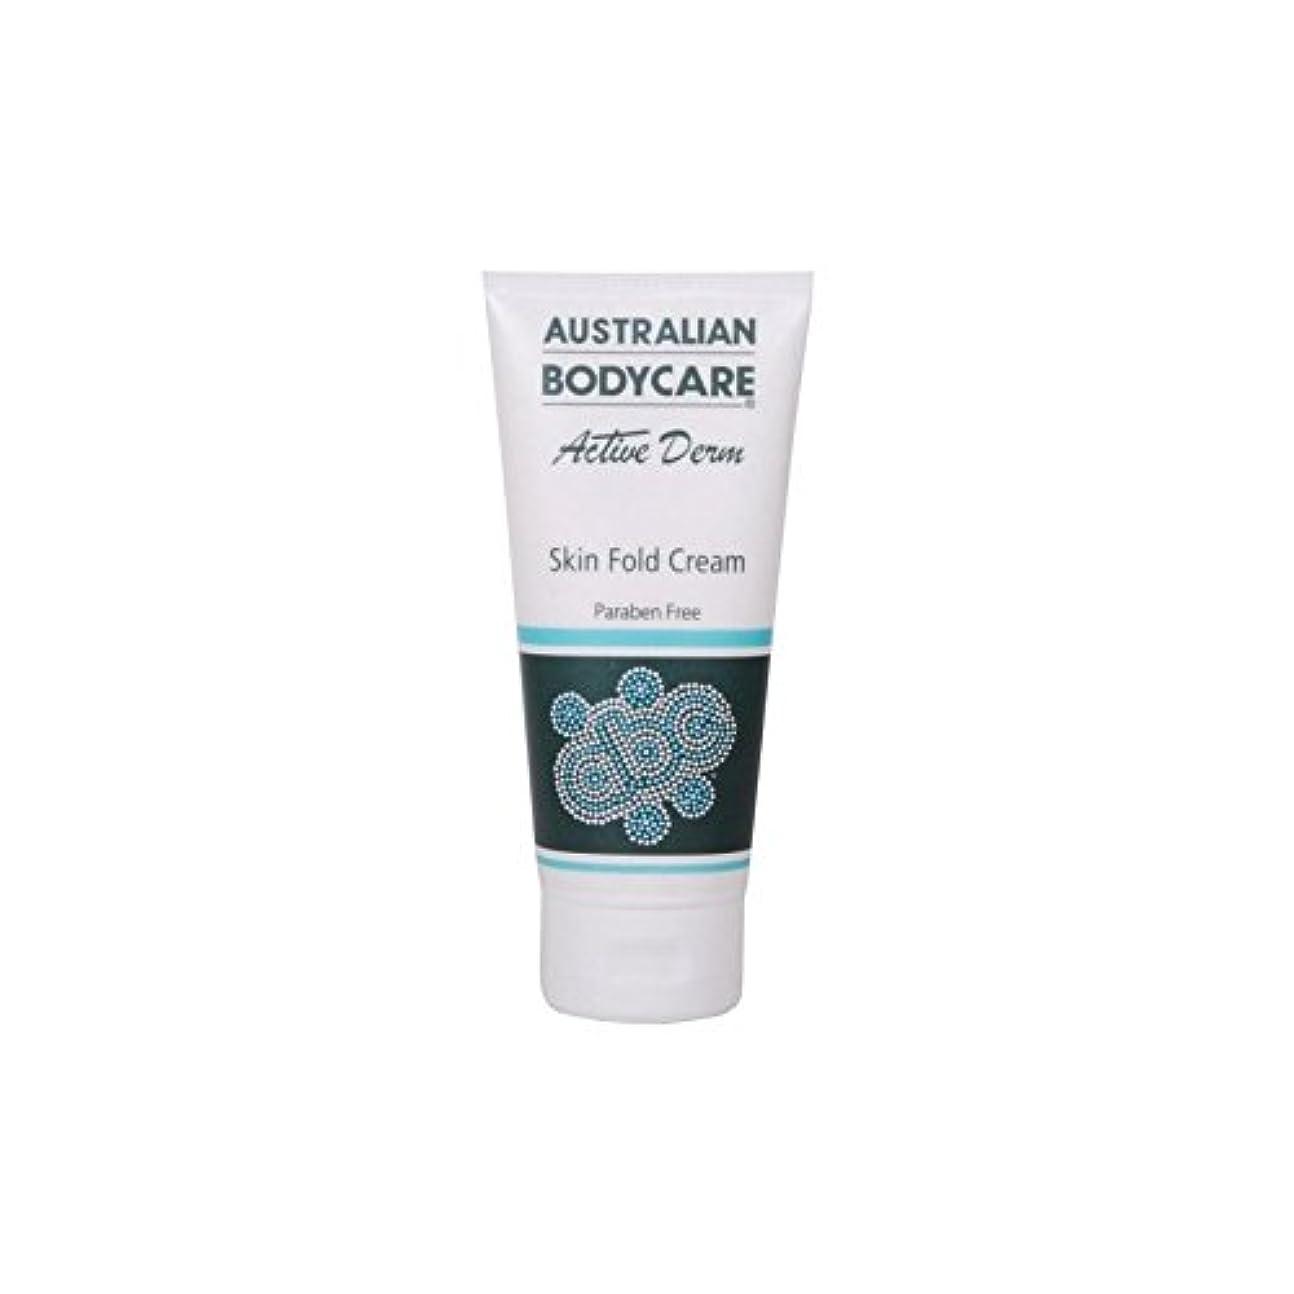 真実ディレイステレオAustralian Bodycare Active Derm Skin Fold Cream (100ml) (Pack of 6) - オーストラリアのボディケアアクティブダーム皮膚のひだクリーム(100ミリリットル...